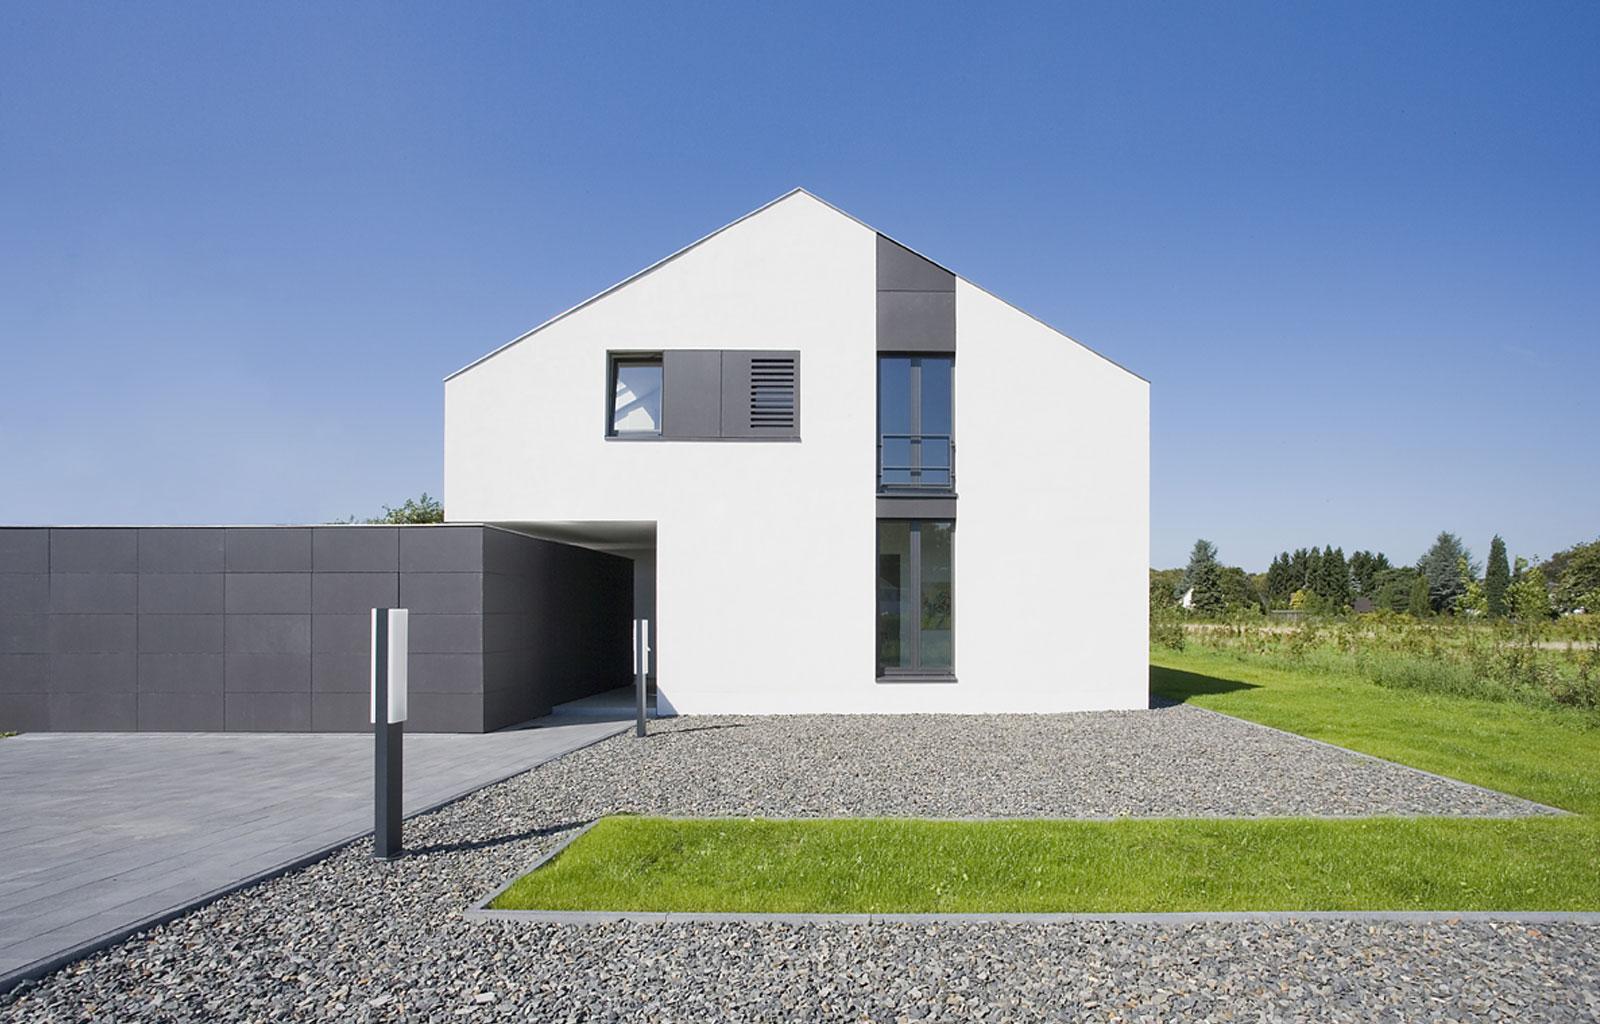 Haus f bergisch gladbach hpa architektur for Haus architektur